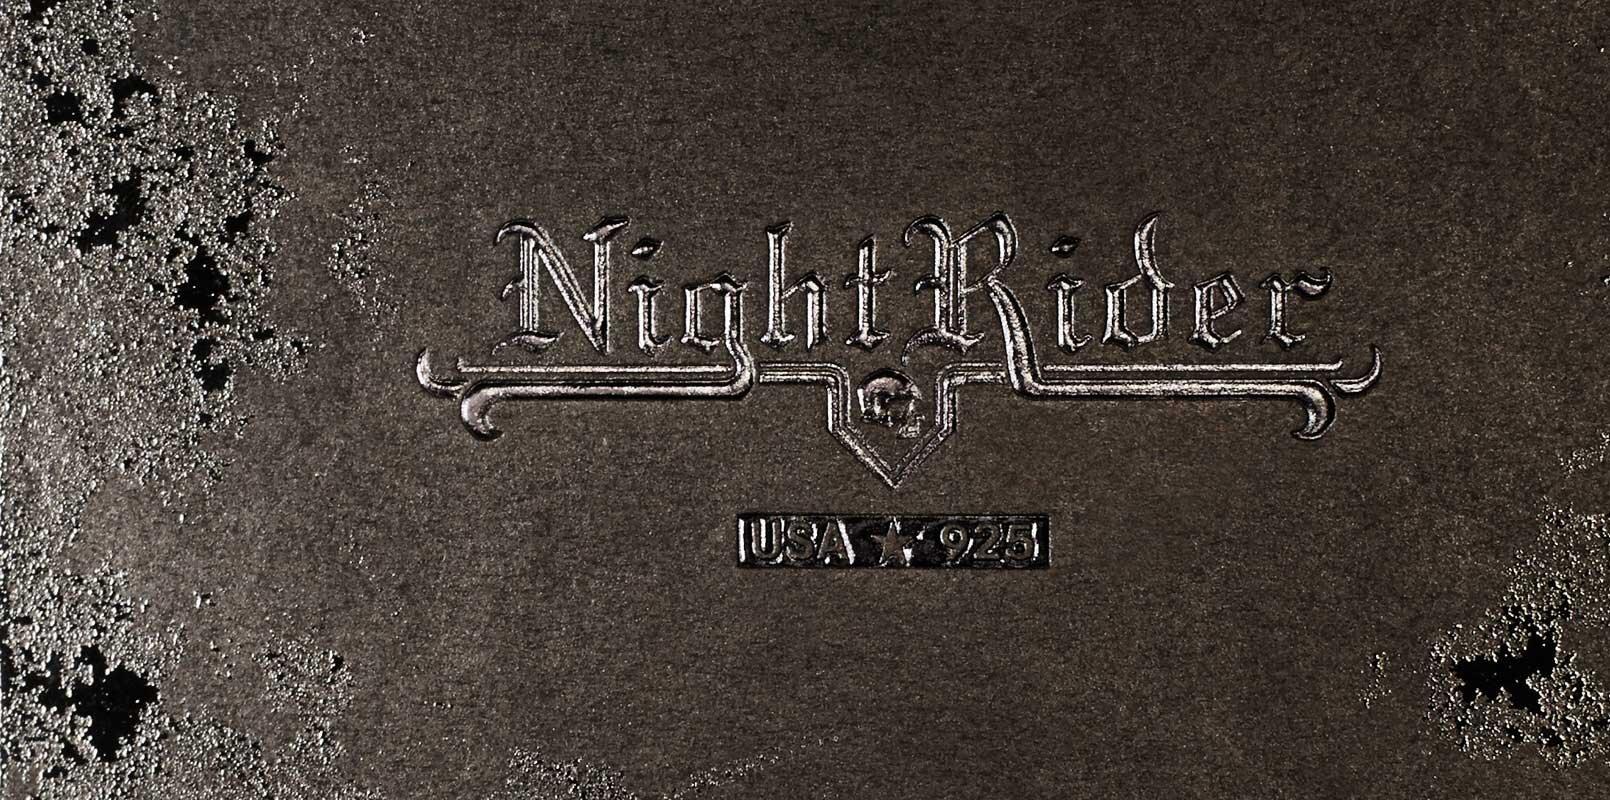 夜间骑士珠宝盒设计包装 - 公司-3.JPG